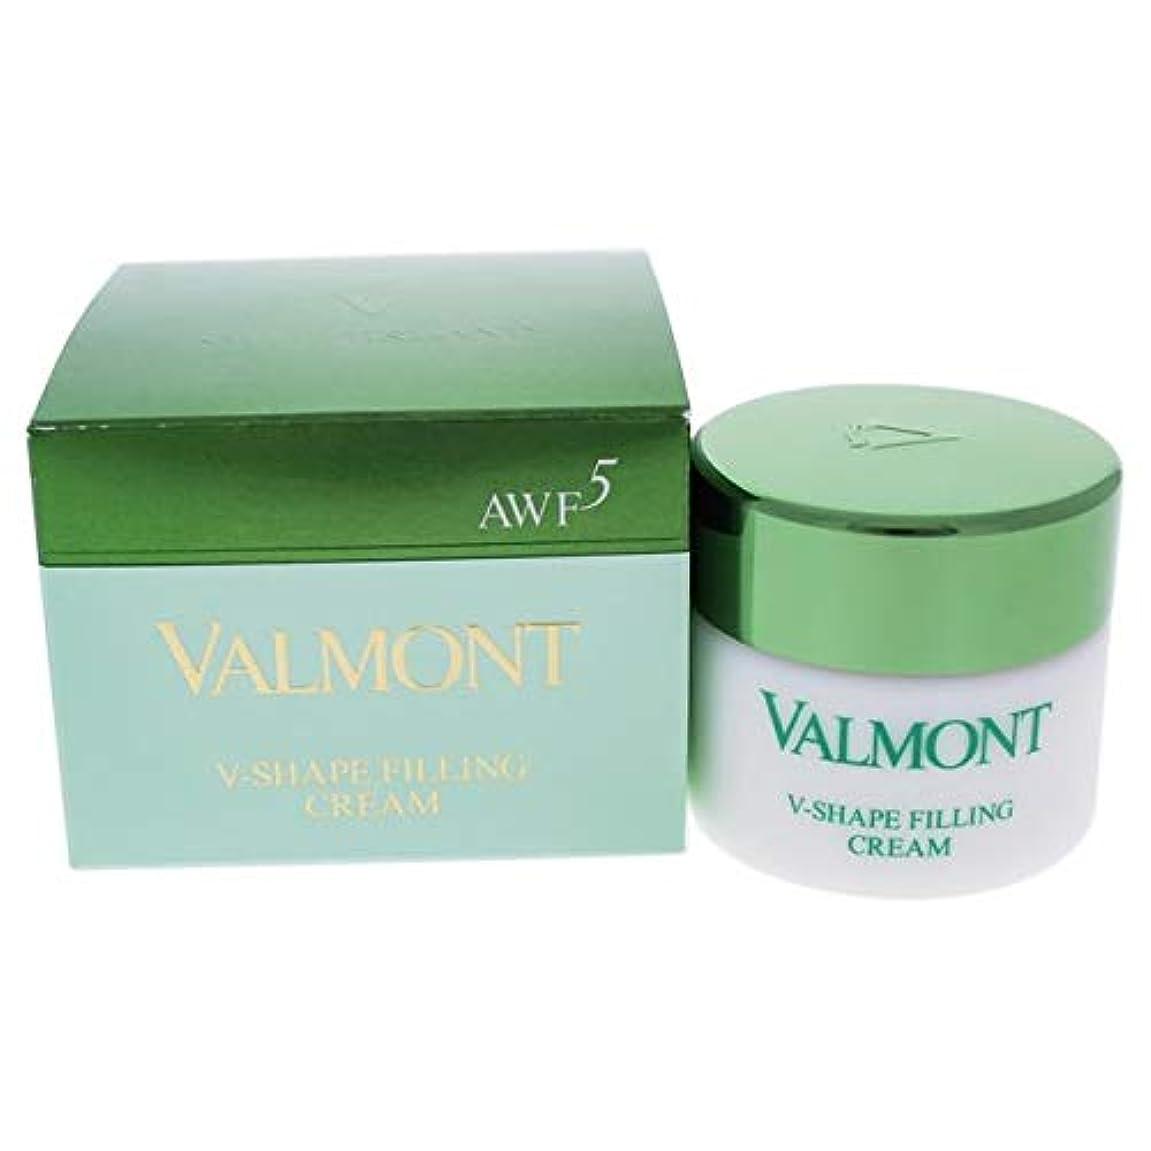 ベアリングサークル文化恒久的ヴァルモン AWF5 V-Shape Filling Cream 50ml/1.7oz並行輸入品